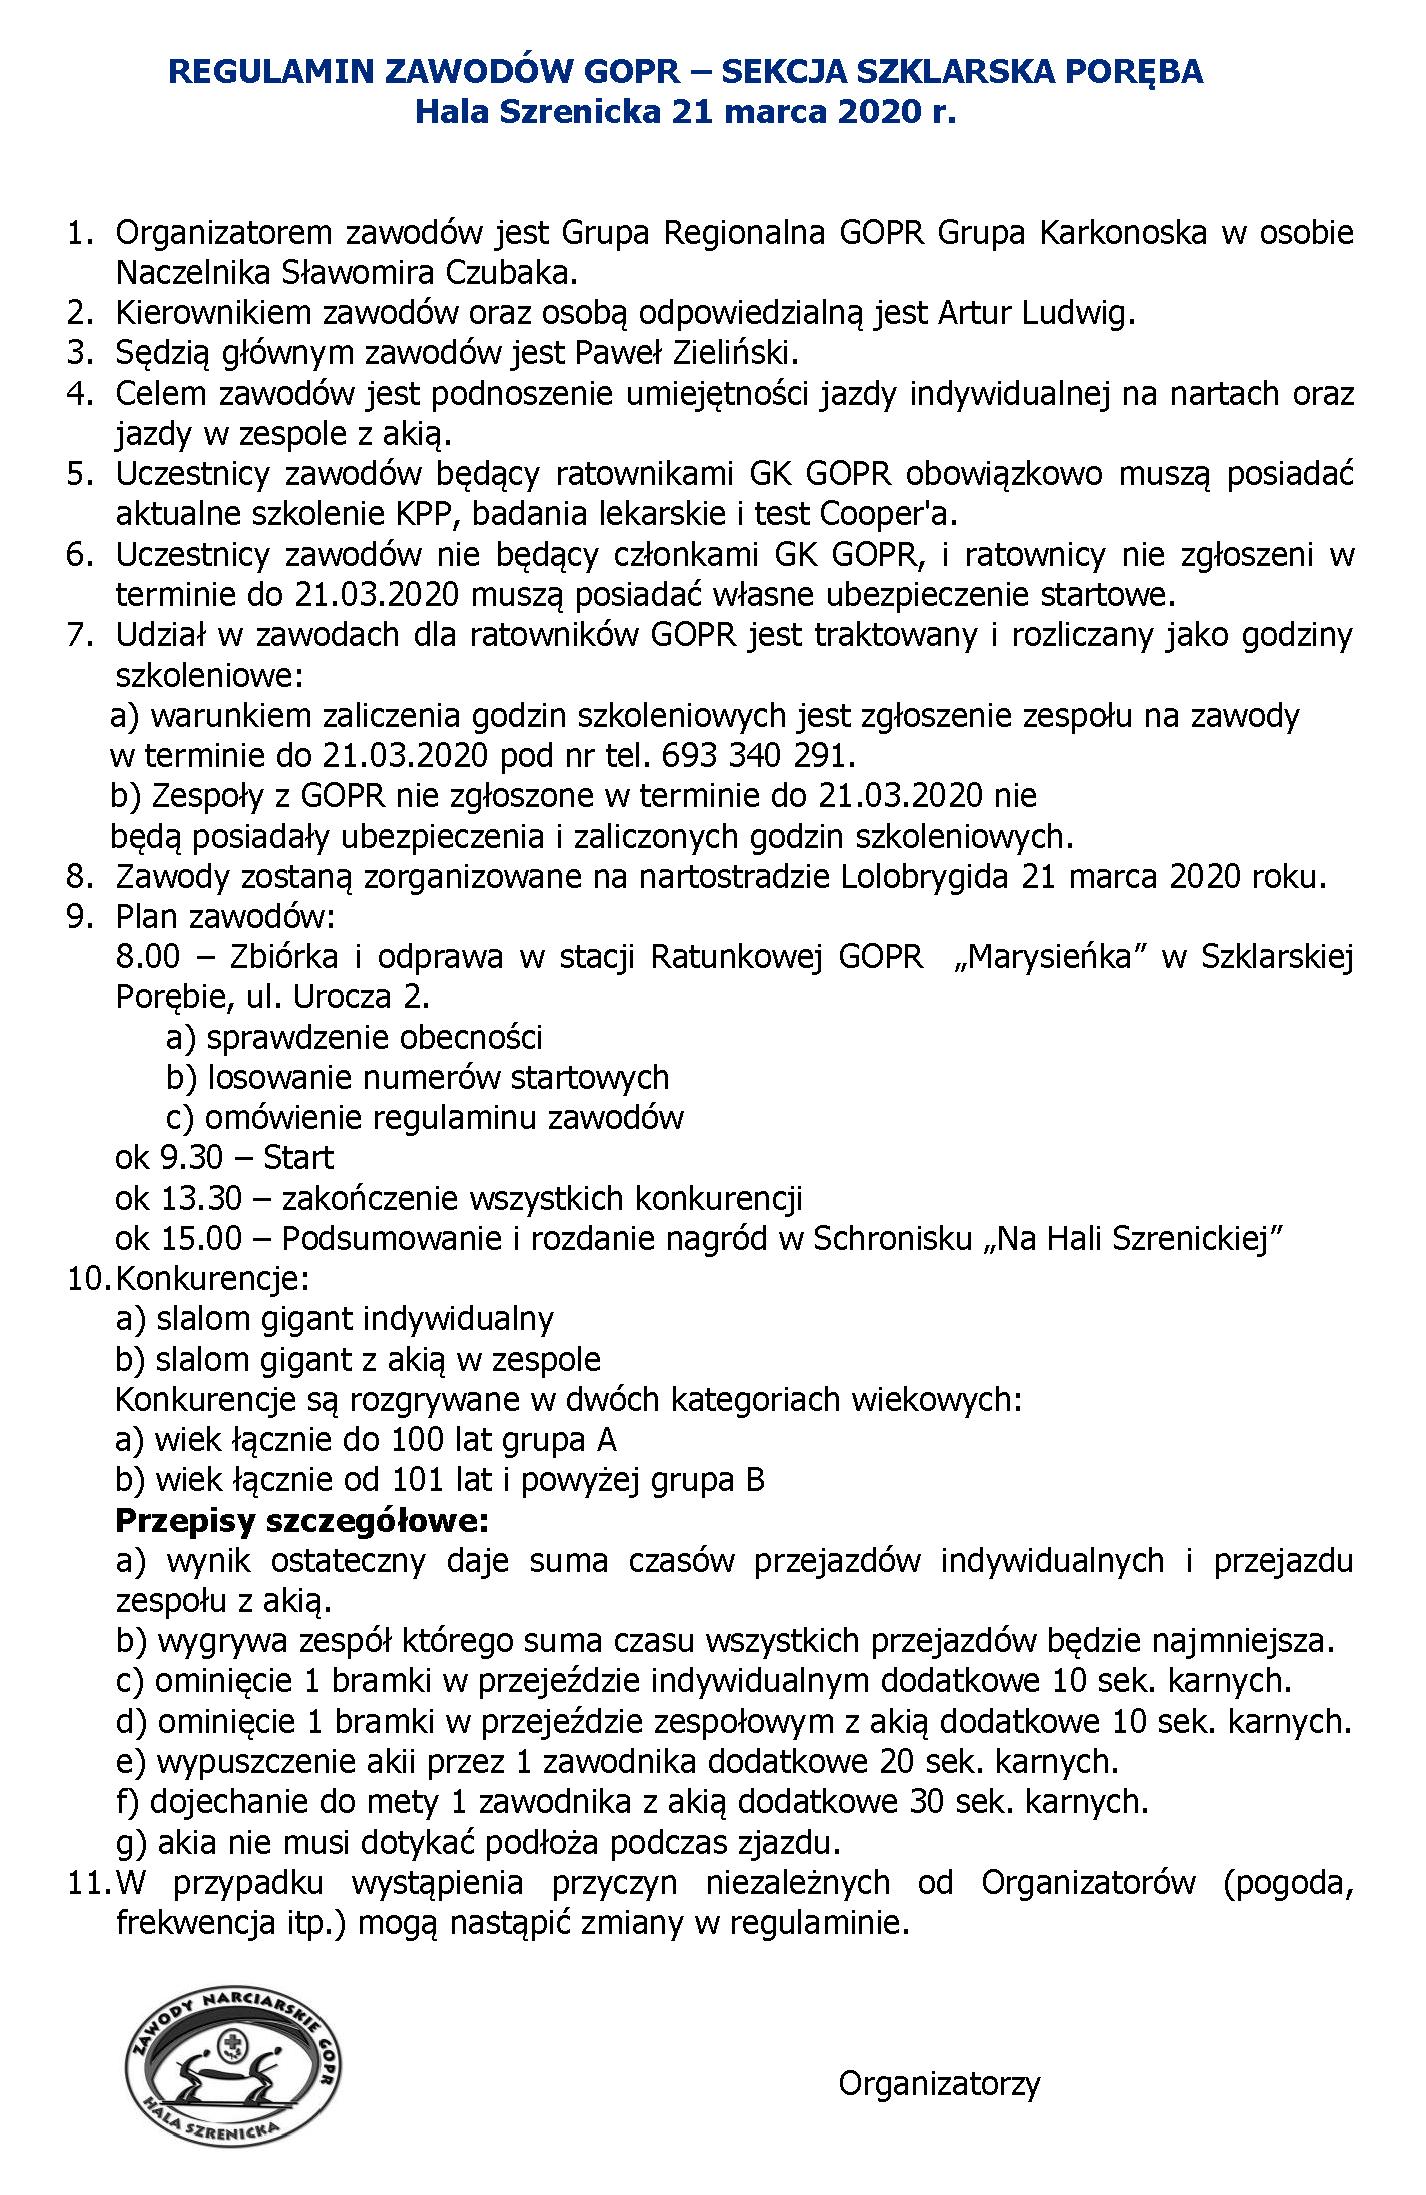 ZAWODY NARCIARSKIE GOPR im. ANTONIEGO RYCHLA - 2020